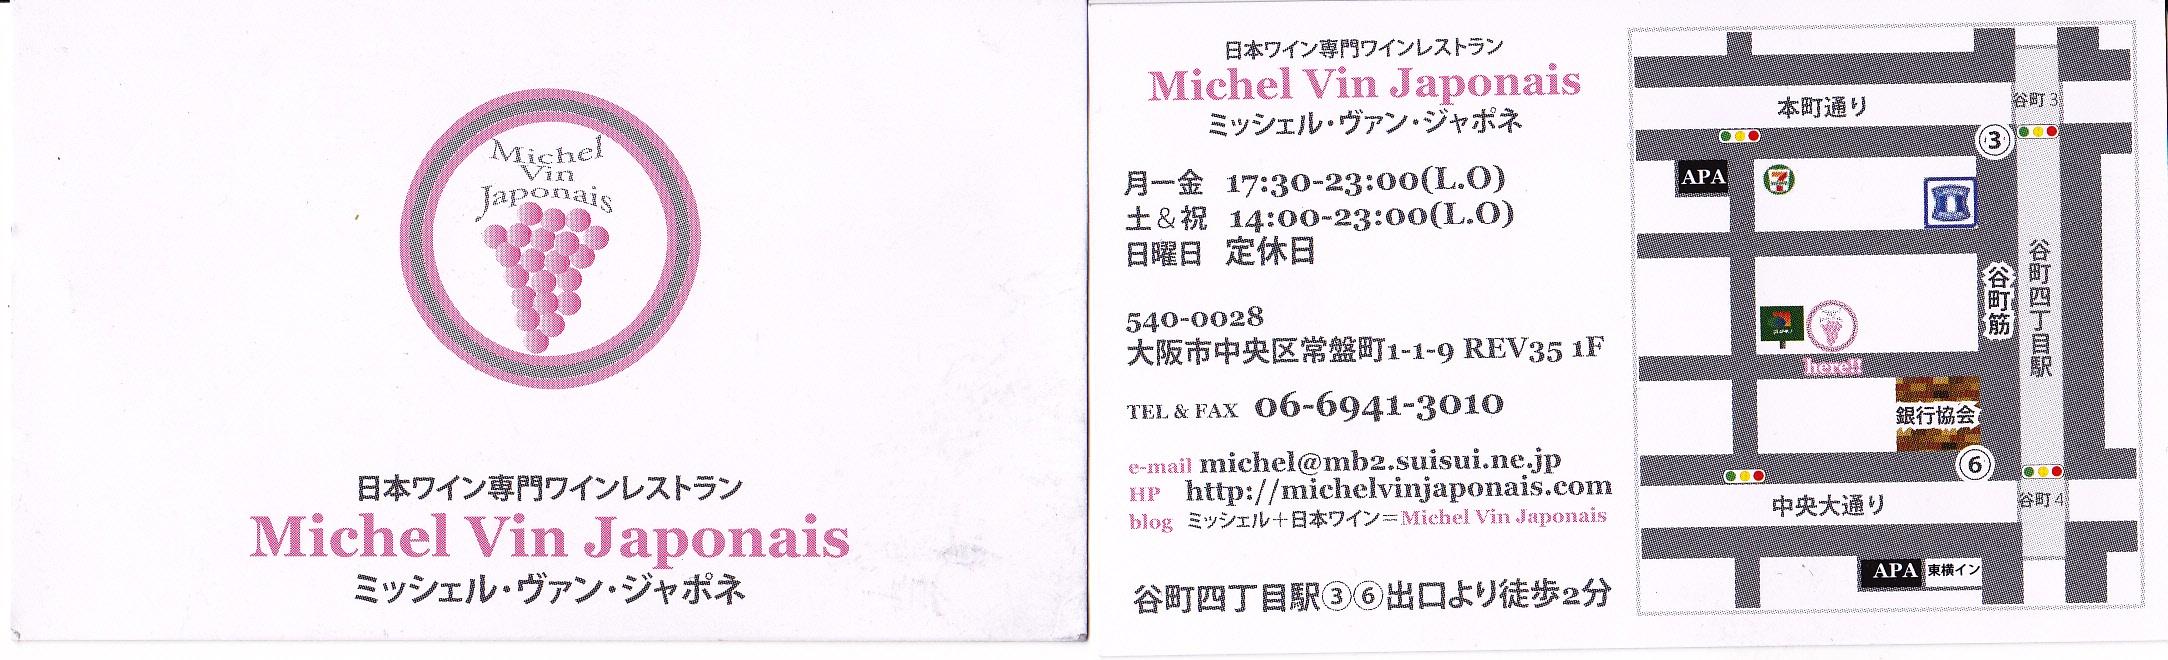 昔懐かしの洋食屋fujiya と Michel Vin Japonaisで日本ワイン _a0194908_21153870.jpg